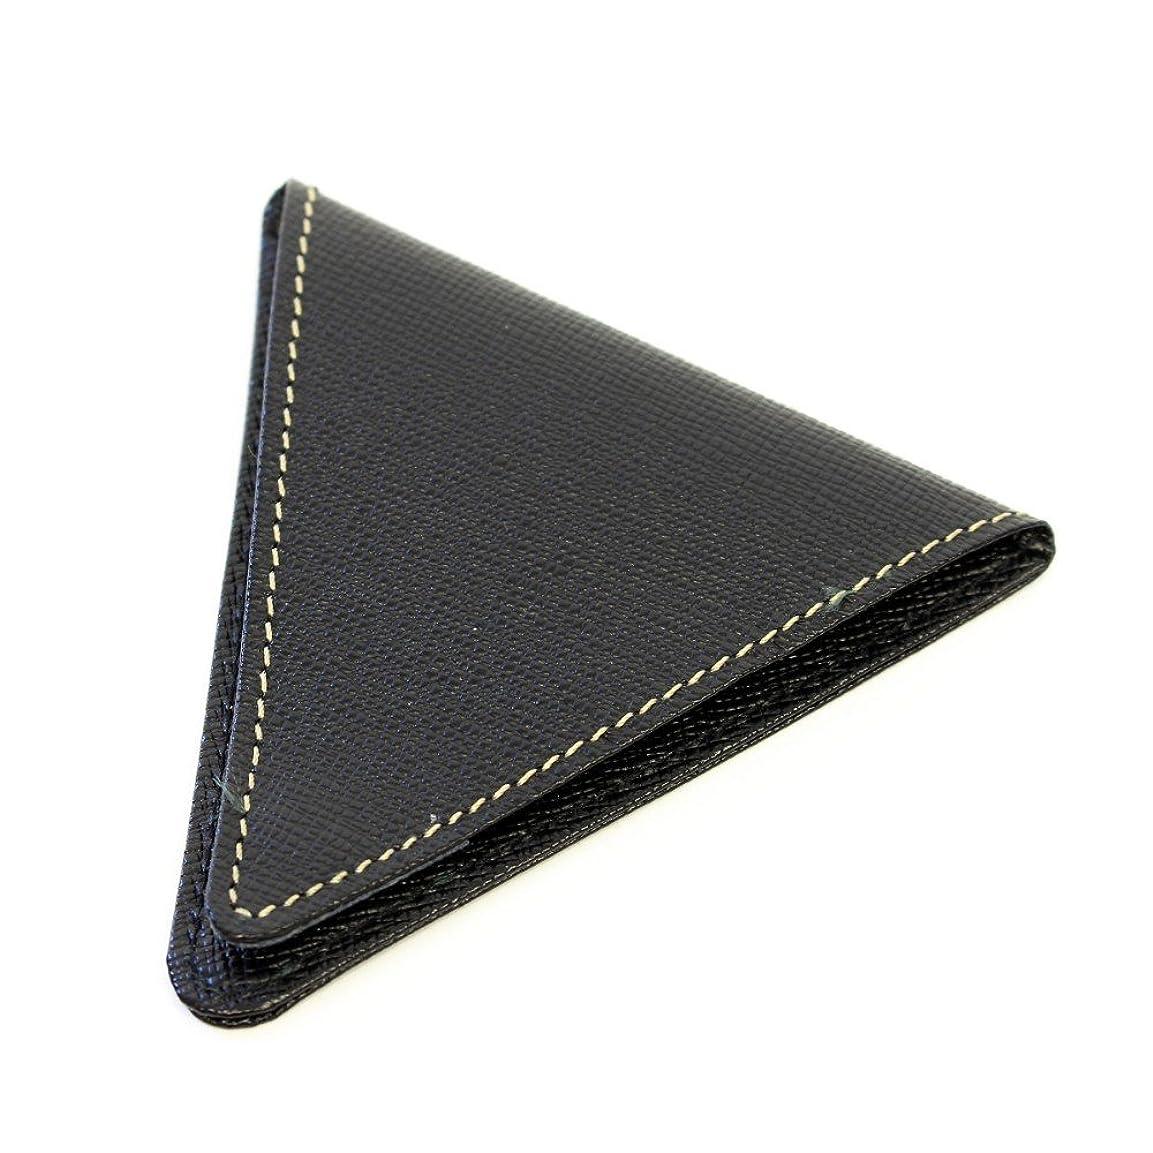 制限されたきつくプロペラさいふ 財布 上質な日本製の、牛革を使用 お洒落 8mm コインケース ブラック